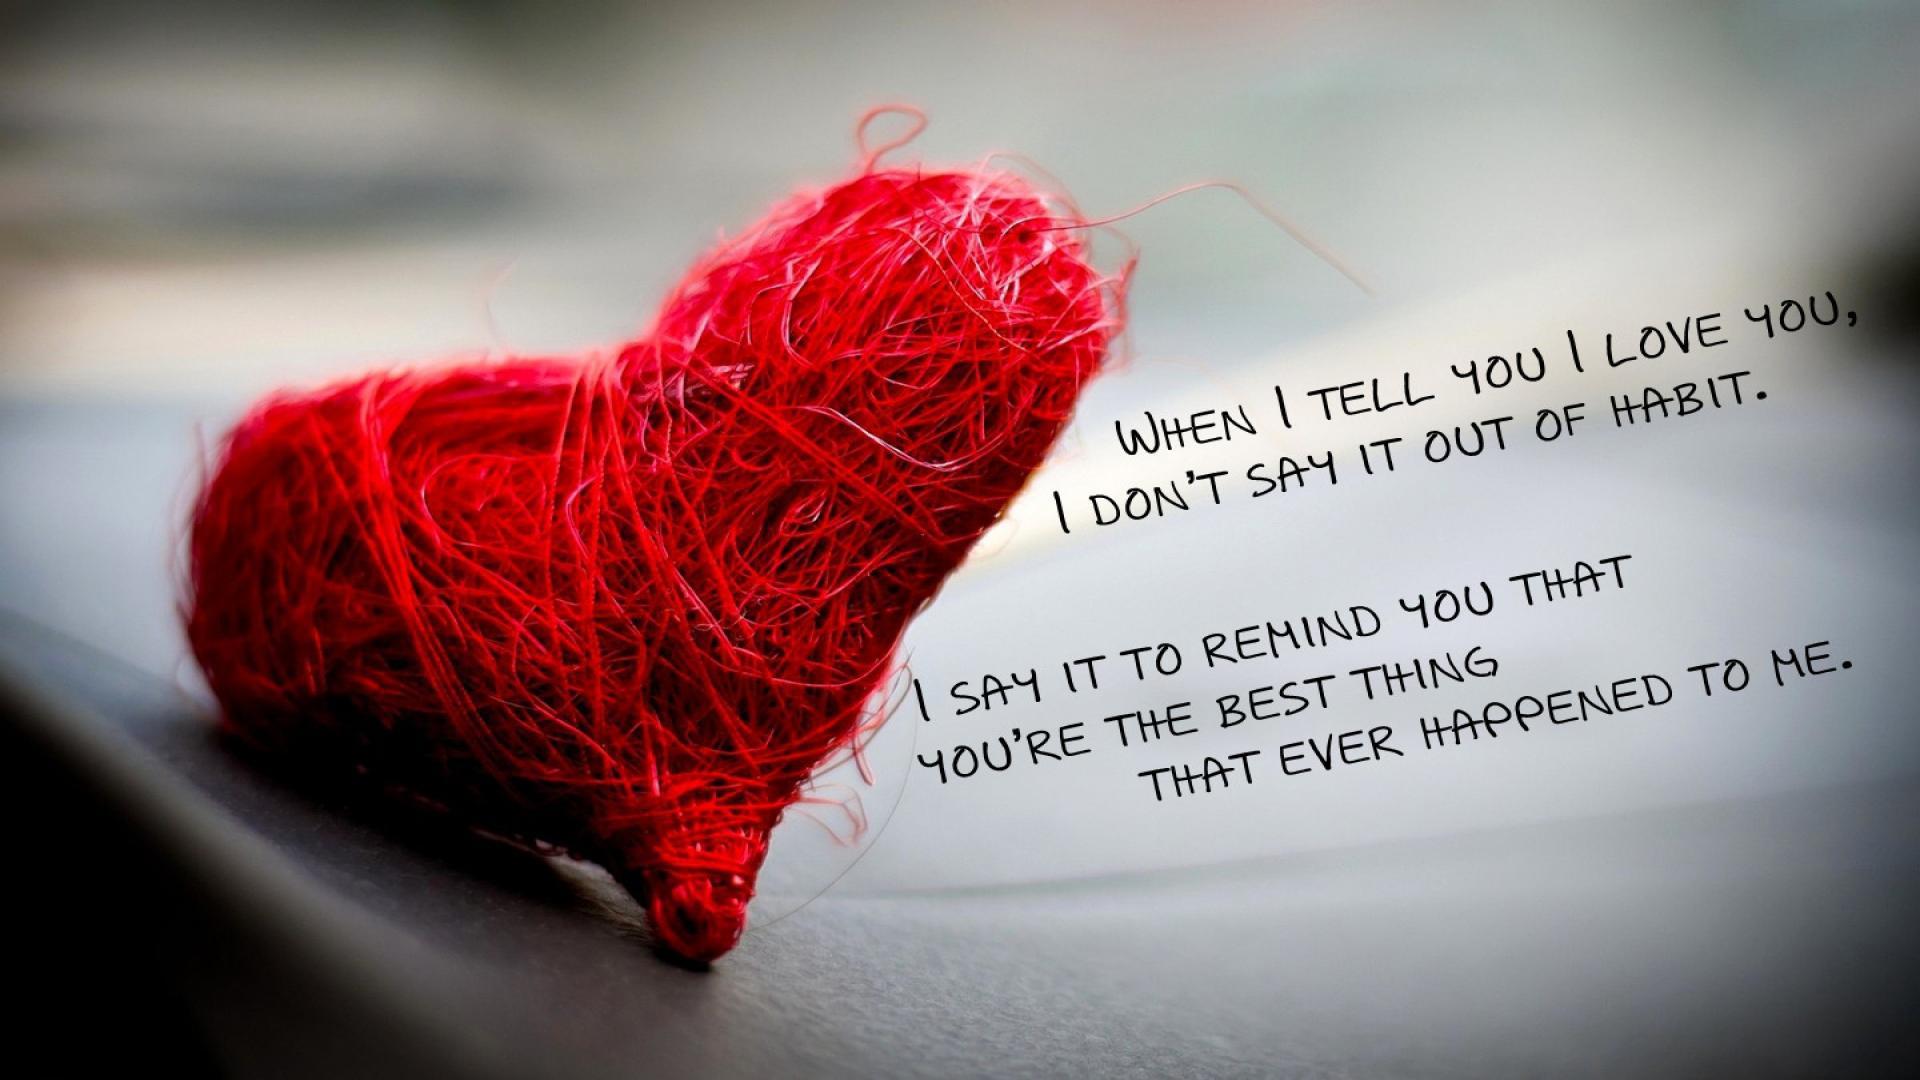 citate imagini de dragoste pentru facebook2